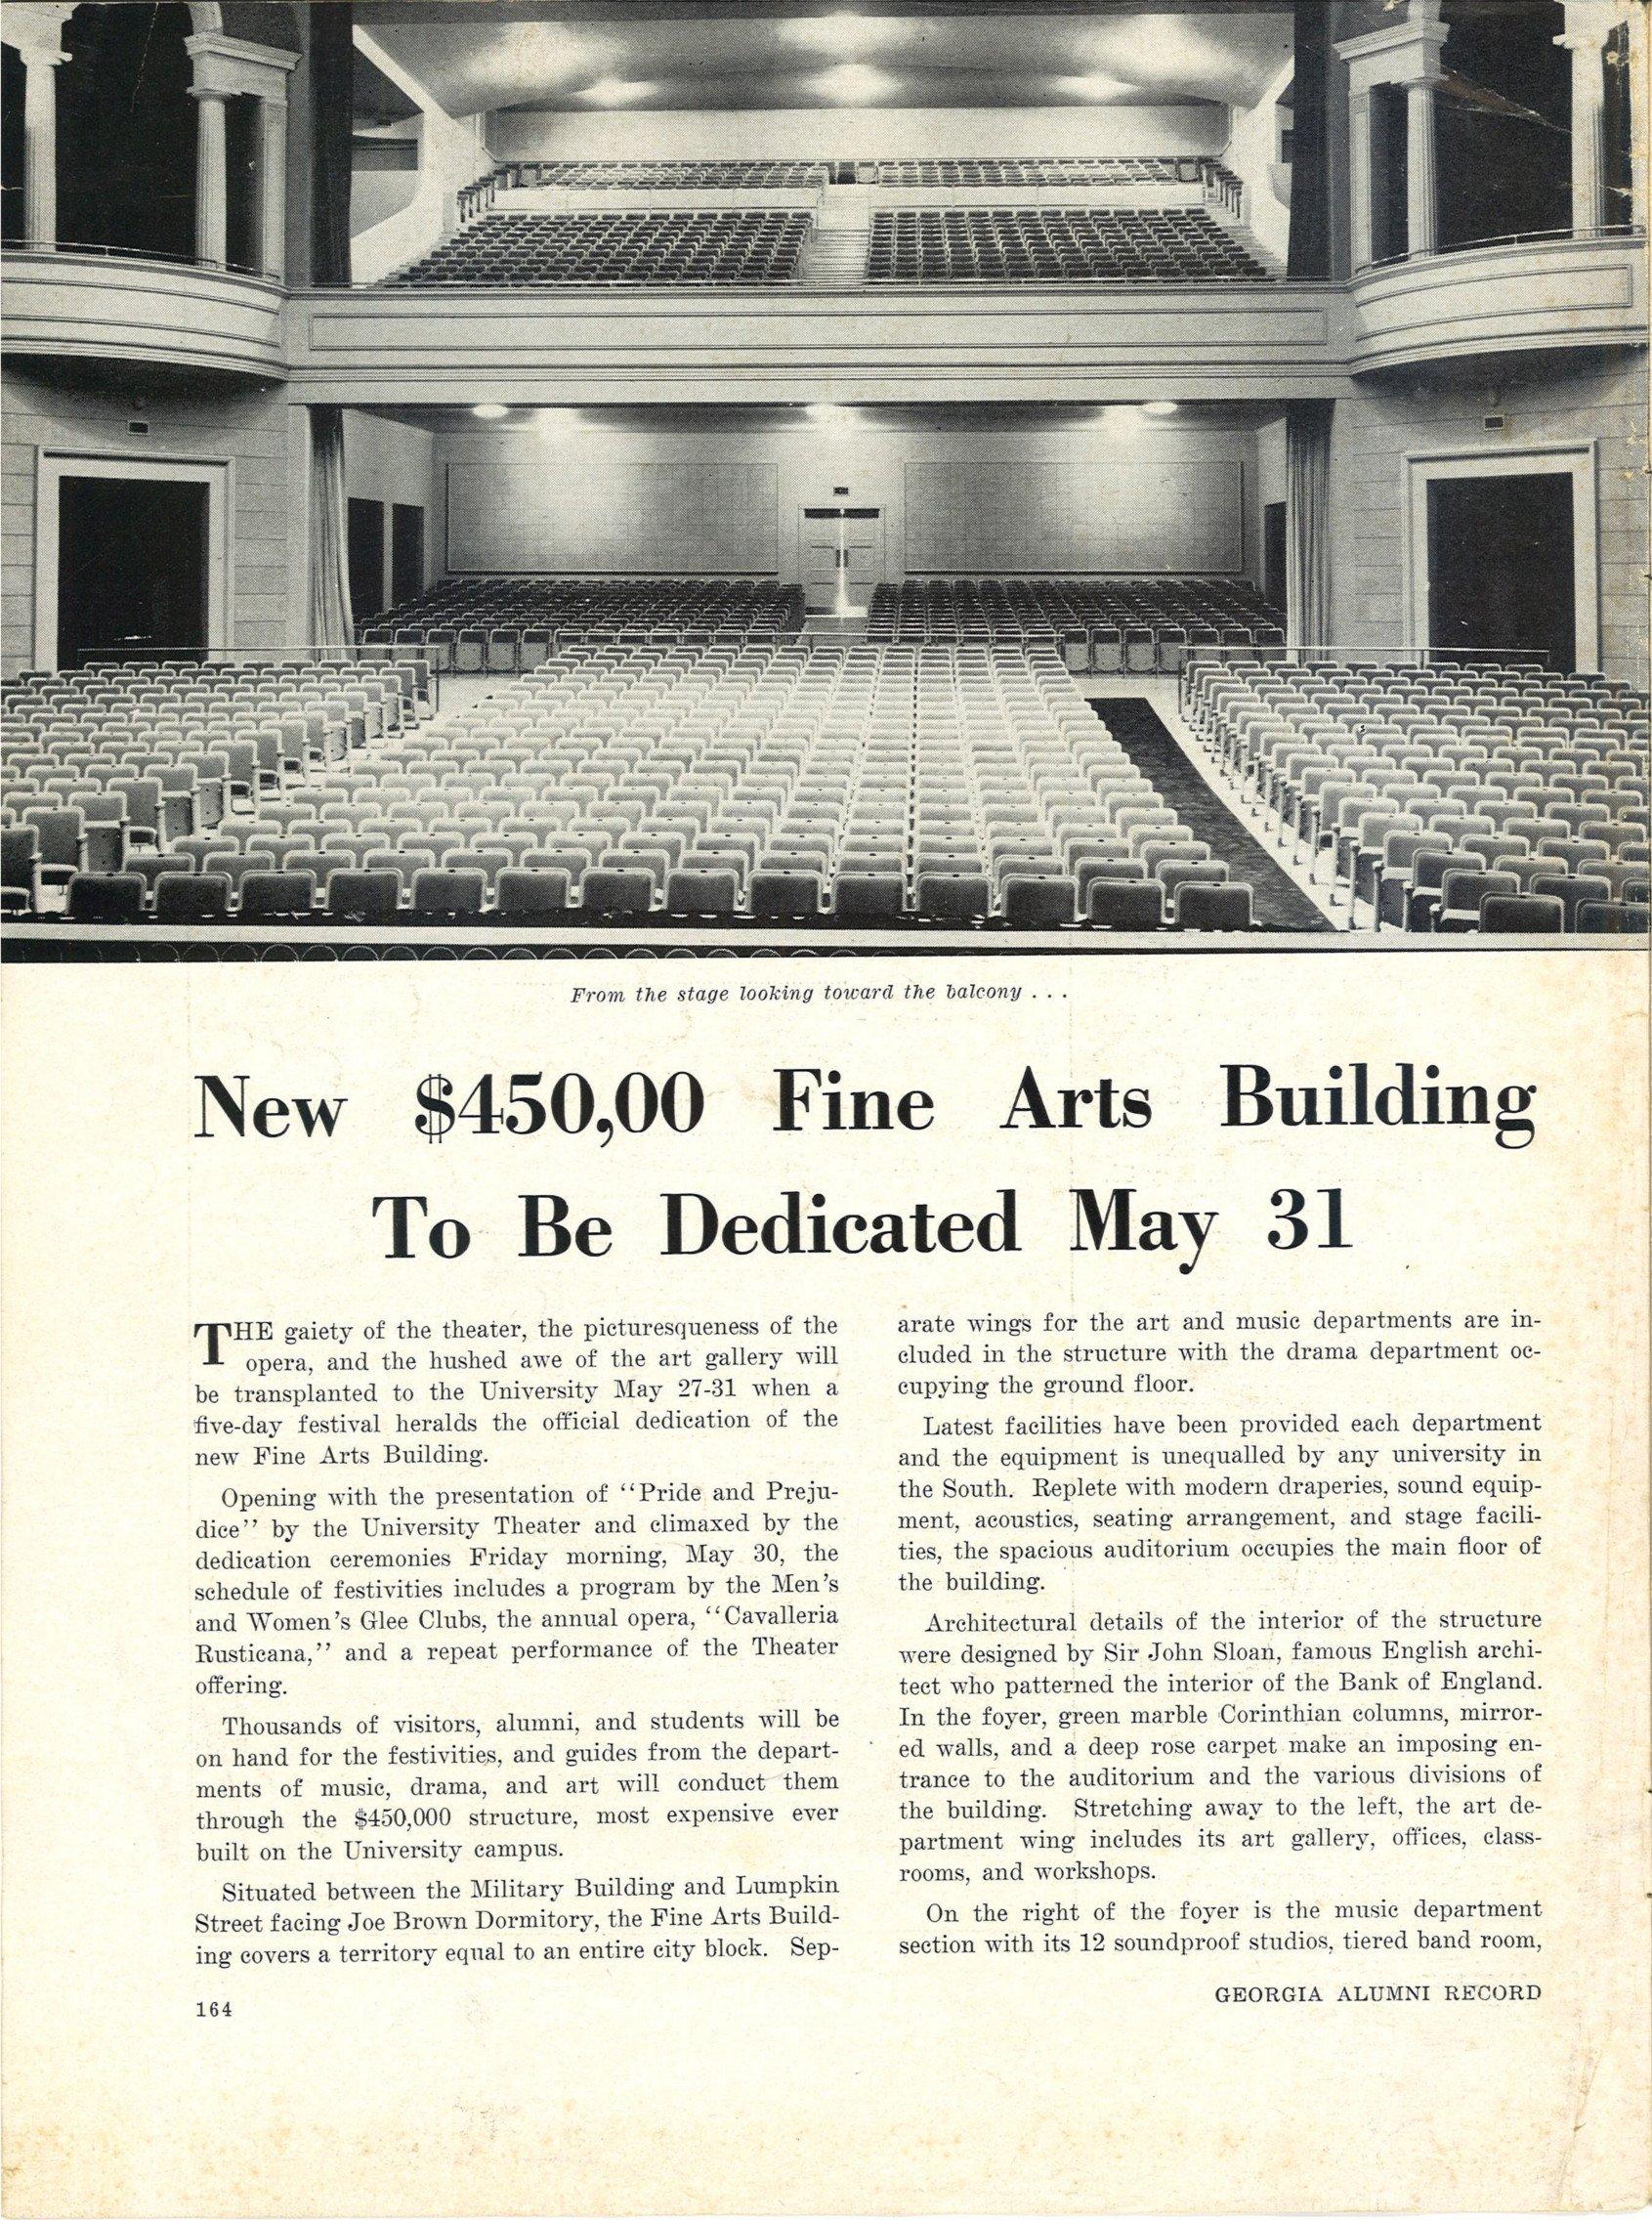 New Fine Arts Building announcement from Georgia Alumni Record, 1941.